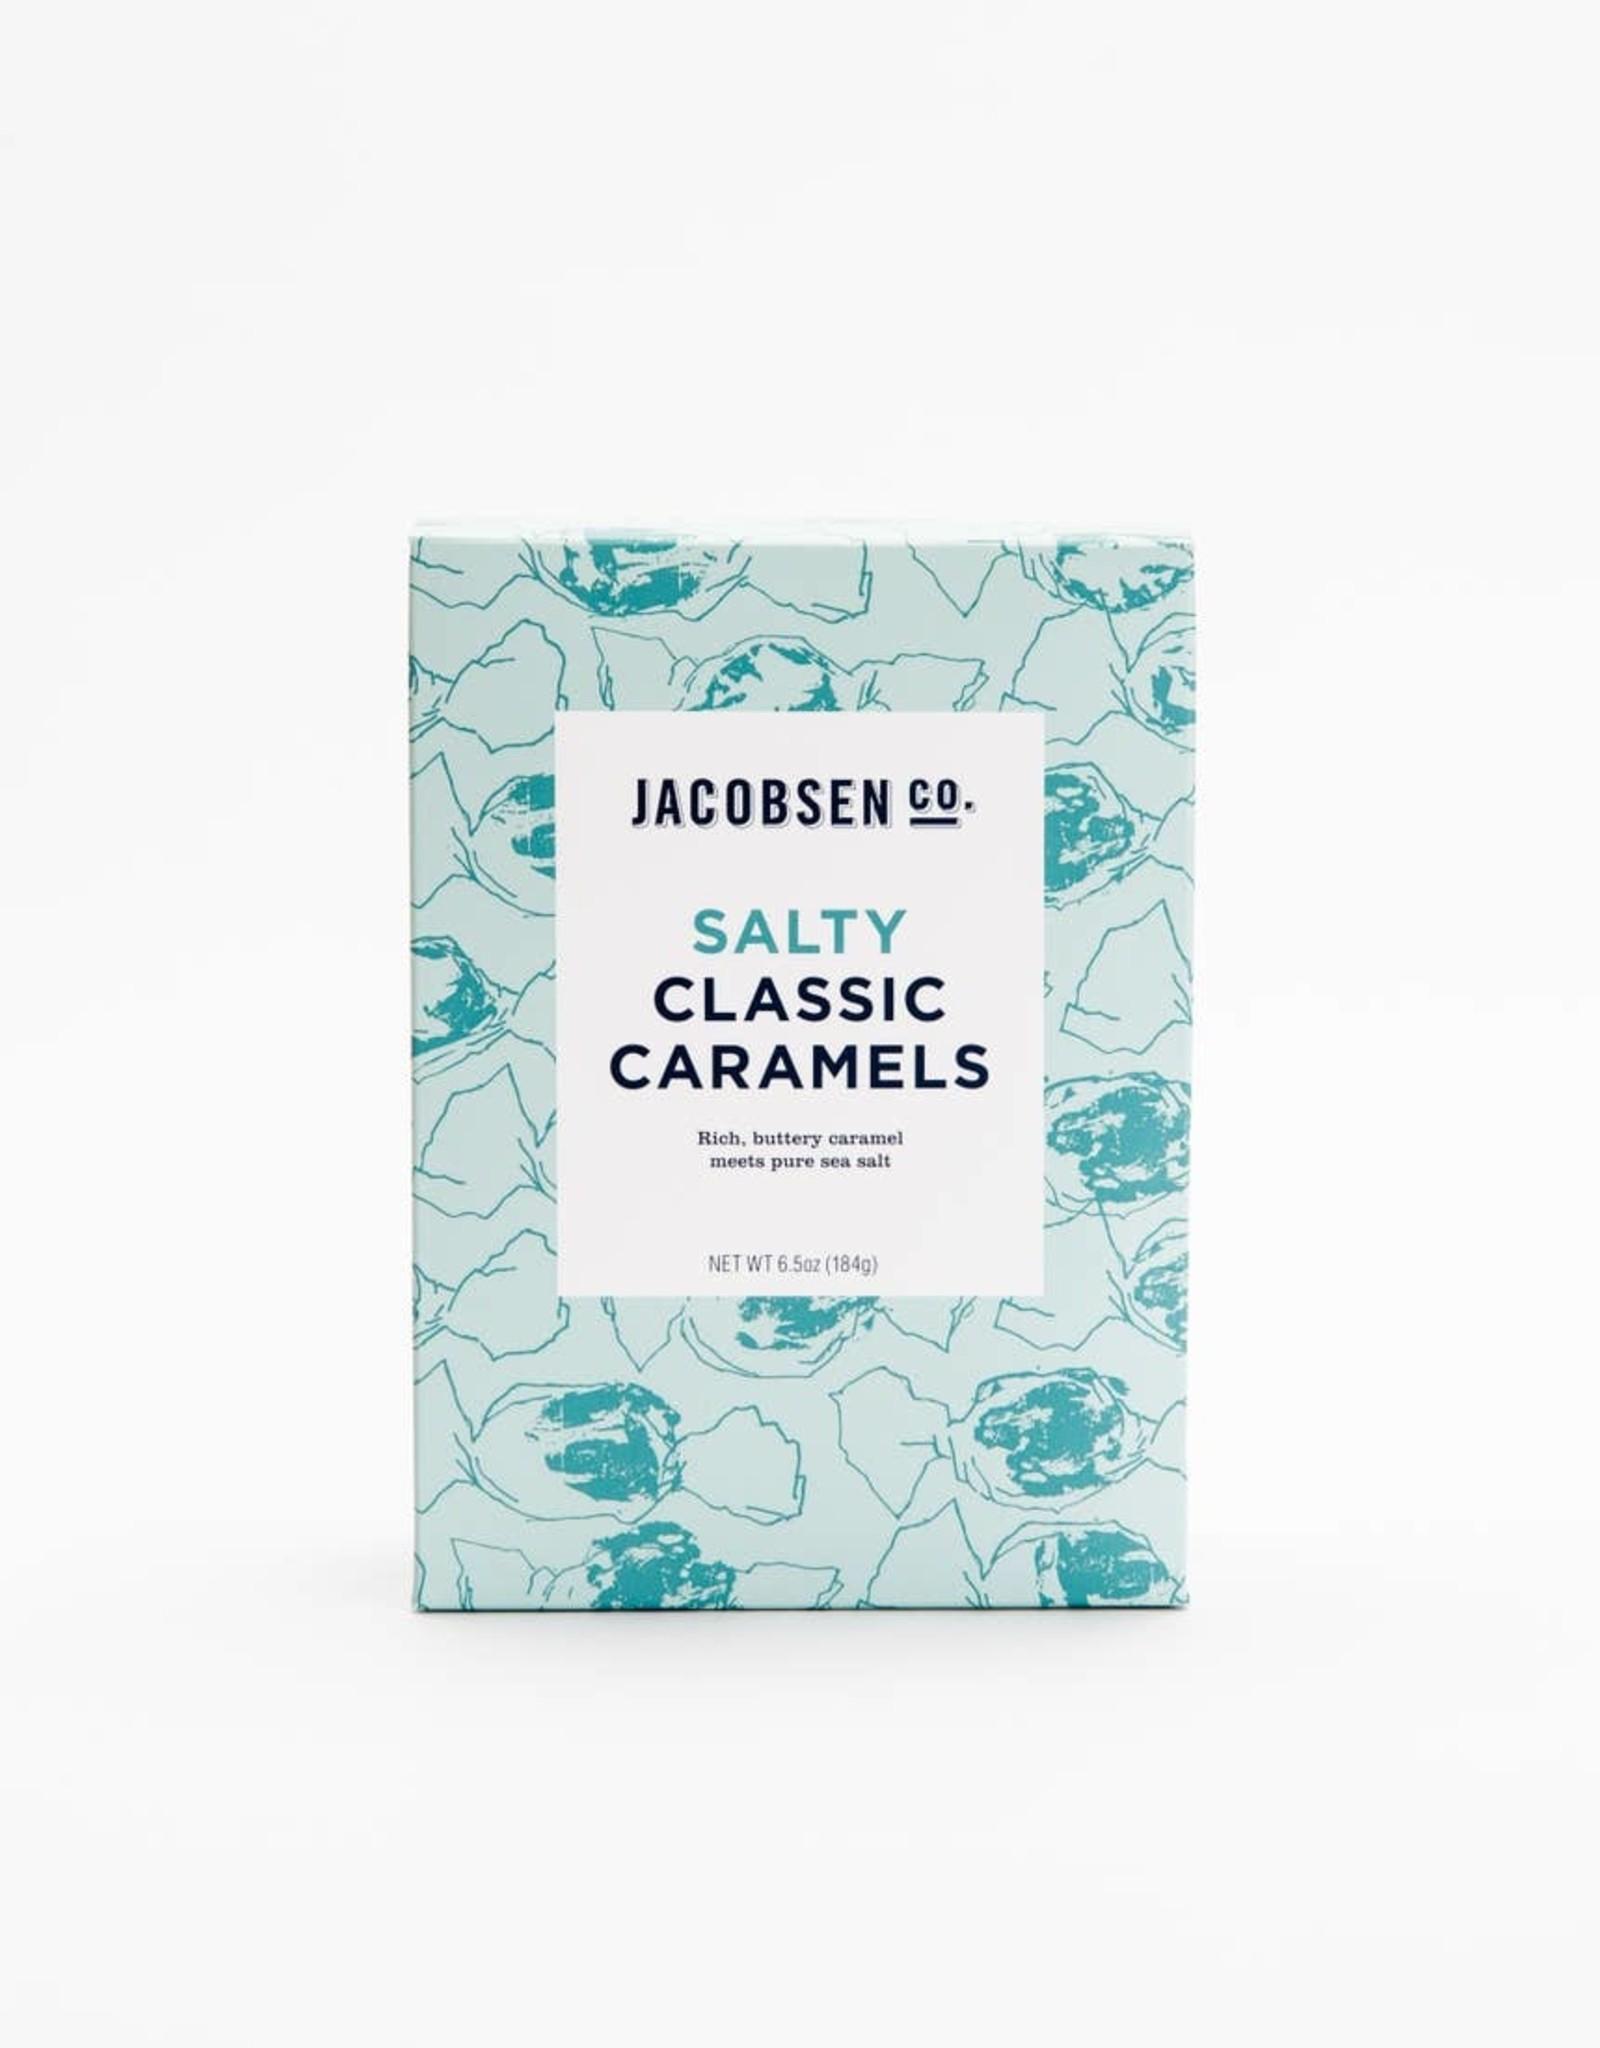 Jacobsen Salt Co Jacobsen Salt Co |  Salty Classic Caramels